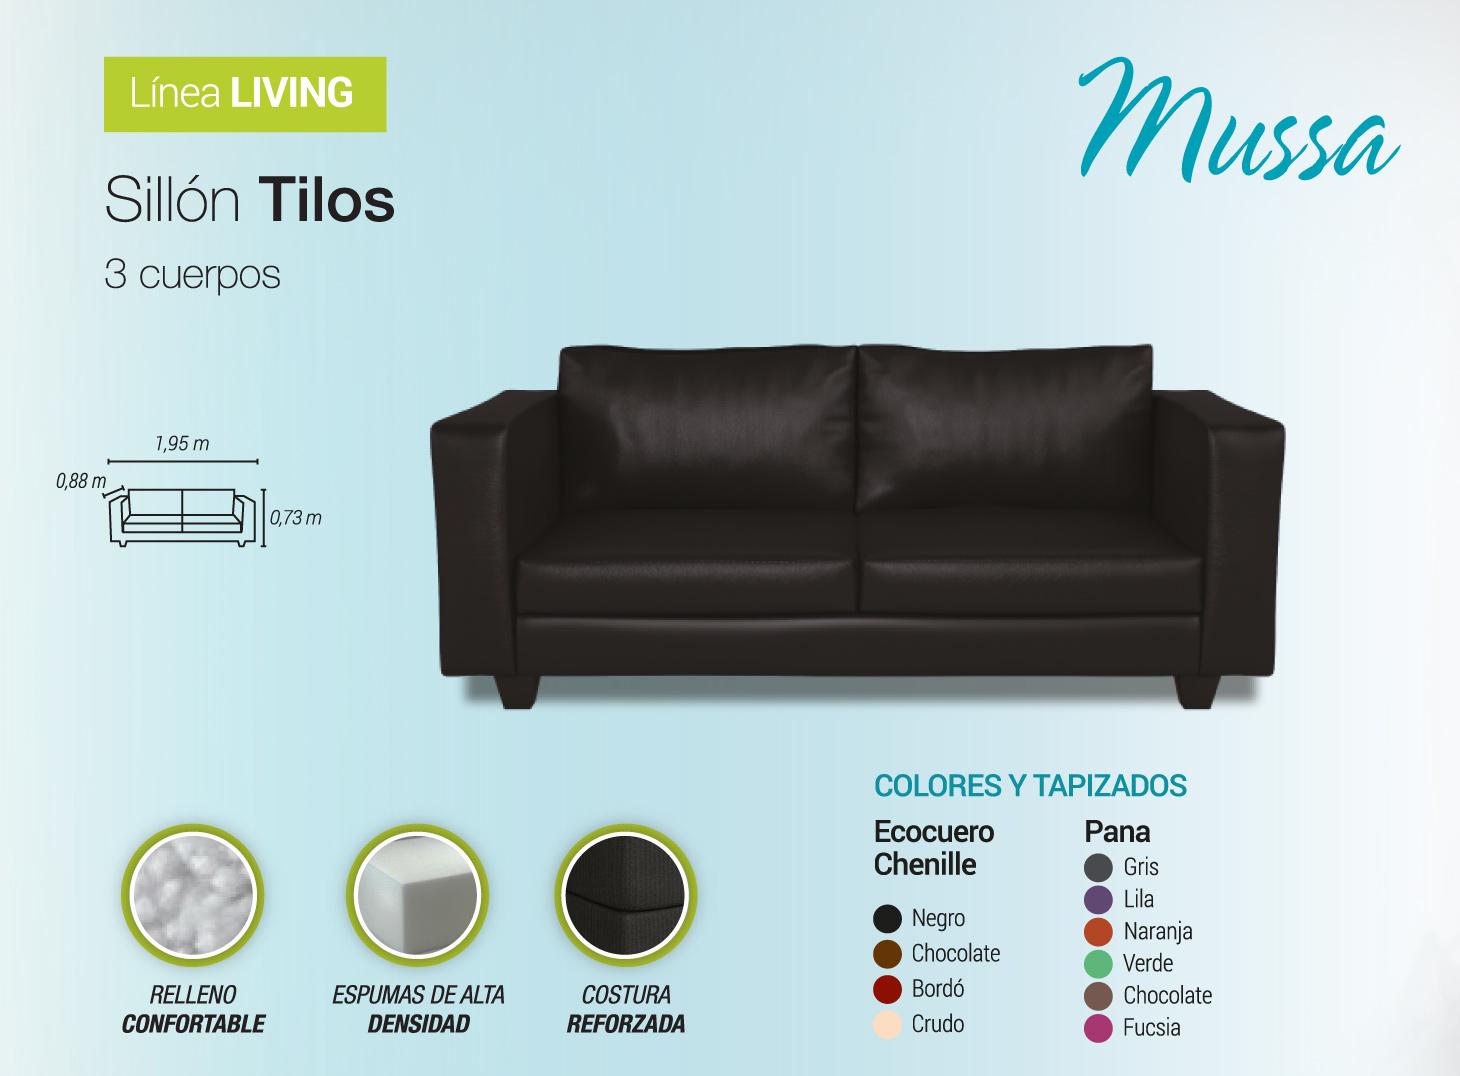 Tienda Online De Muebles Santa Maria # Muebles Saenz De Santamar?a